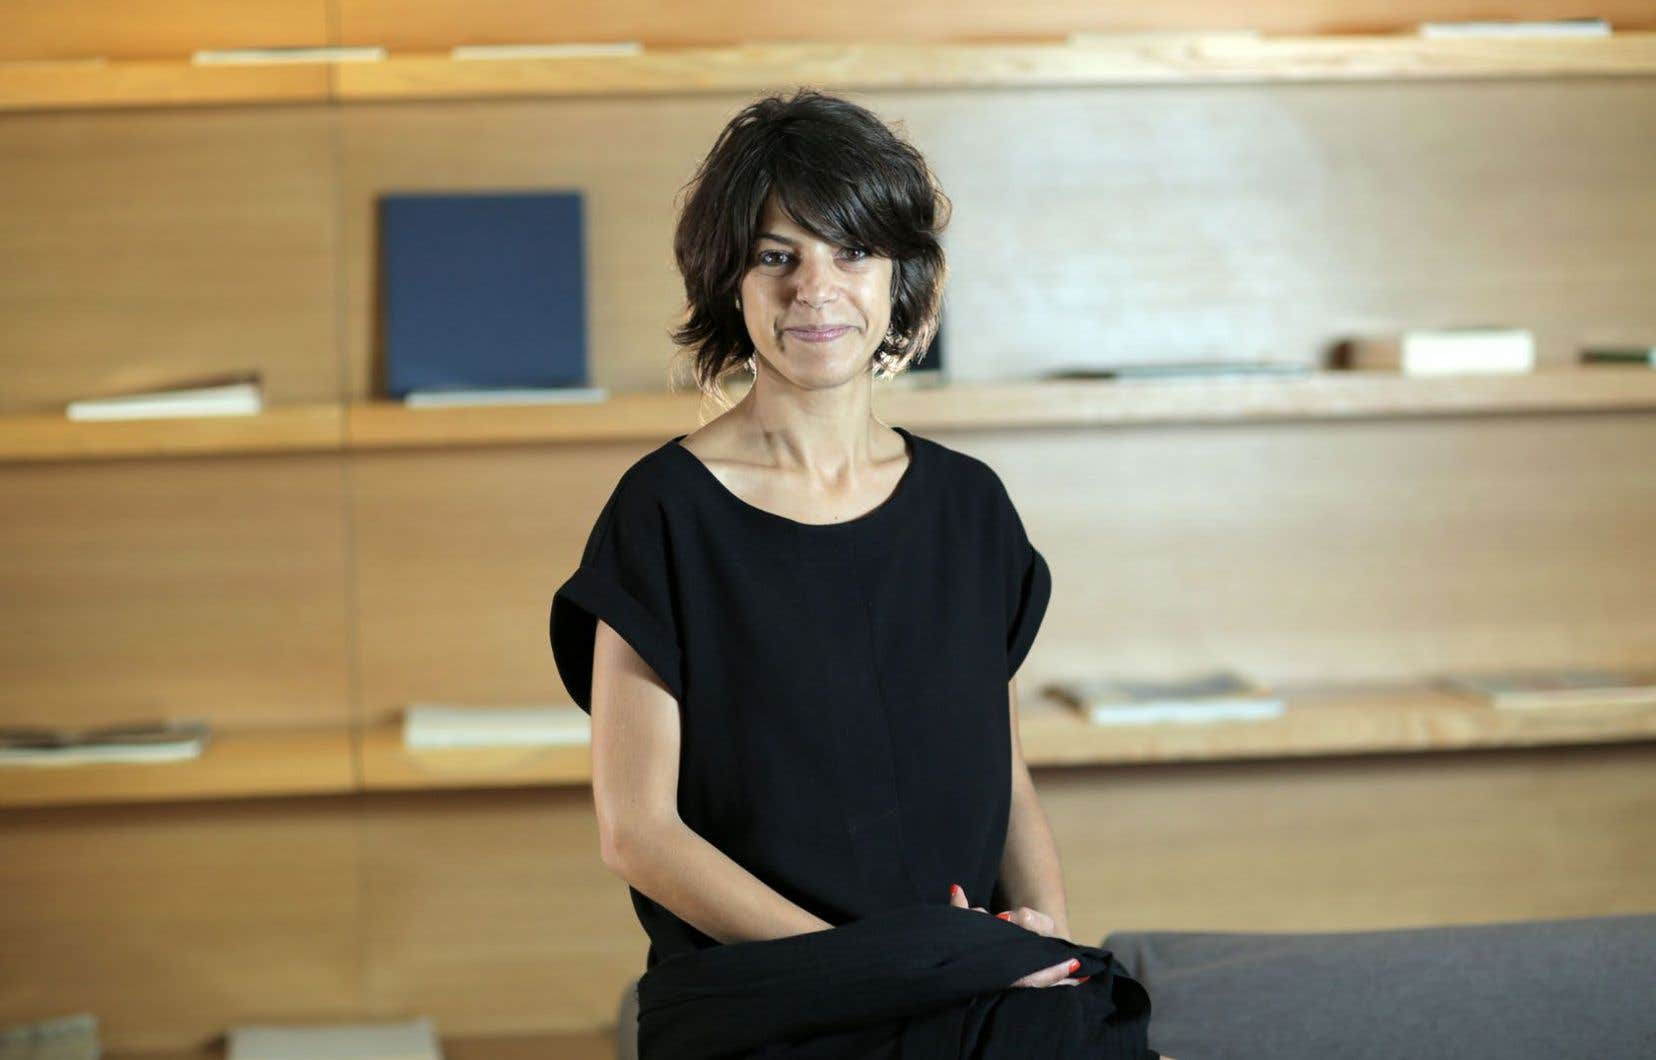 Marie Sumalla est de passage à Montréal, en tant que membre du jury du World Press Photo.